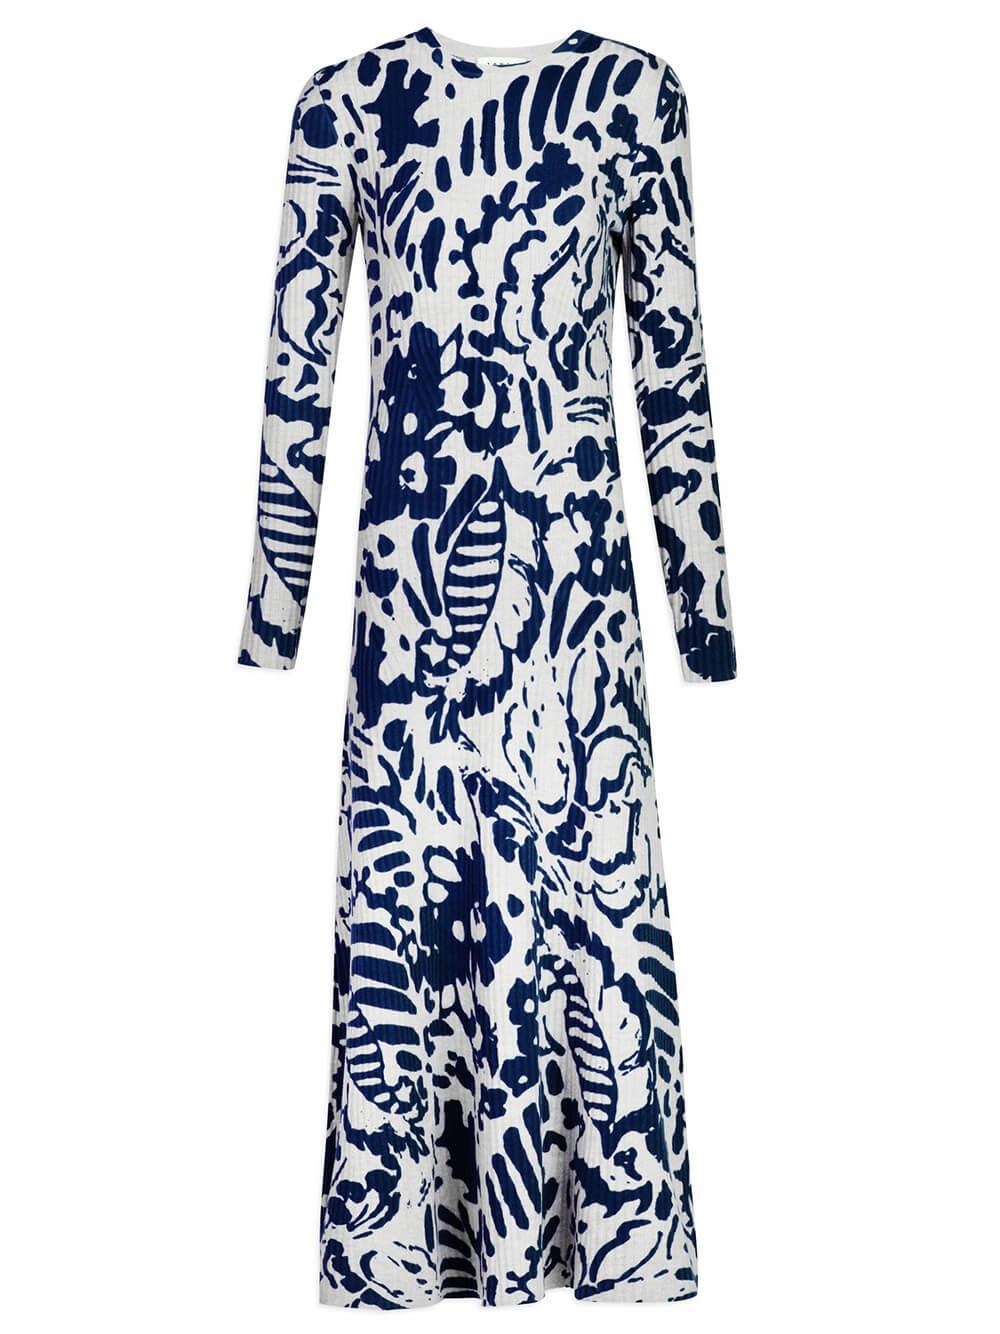 Odette Stretch Knit Dress Item # F21K653852